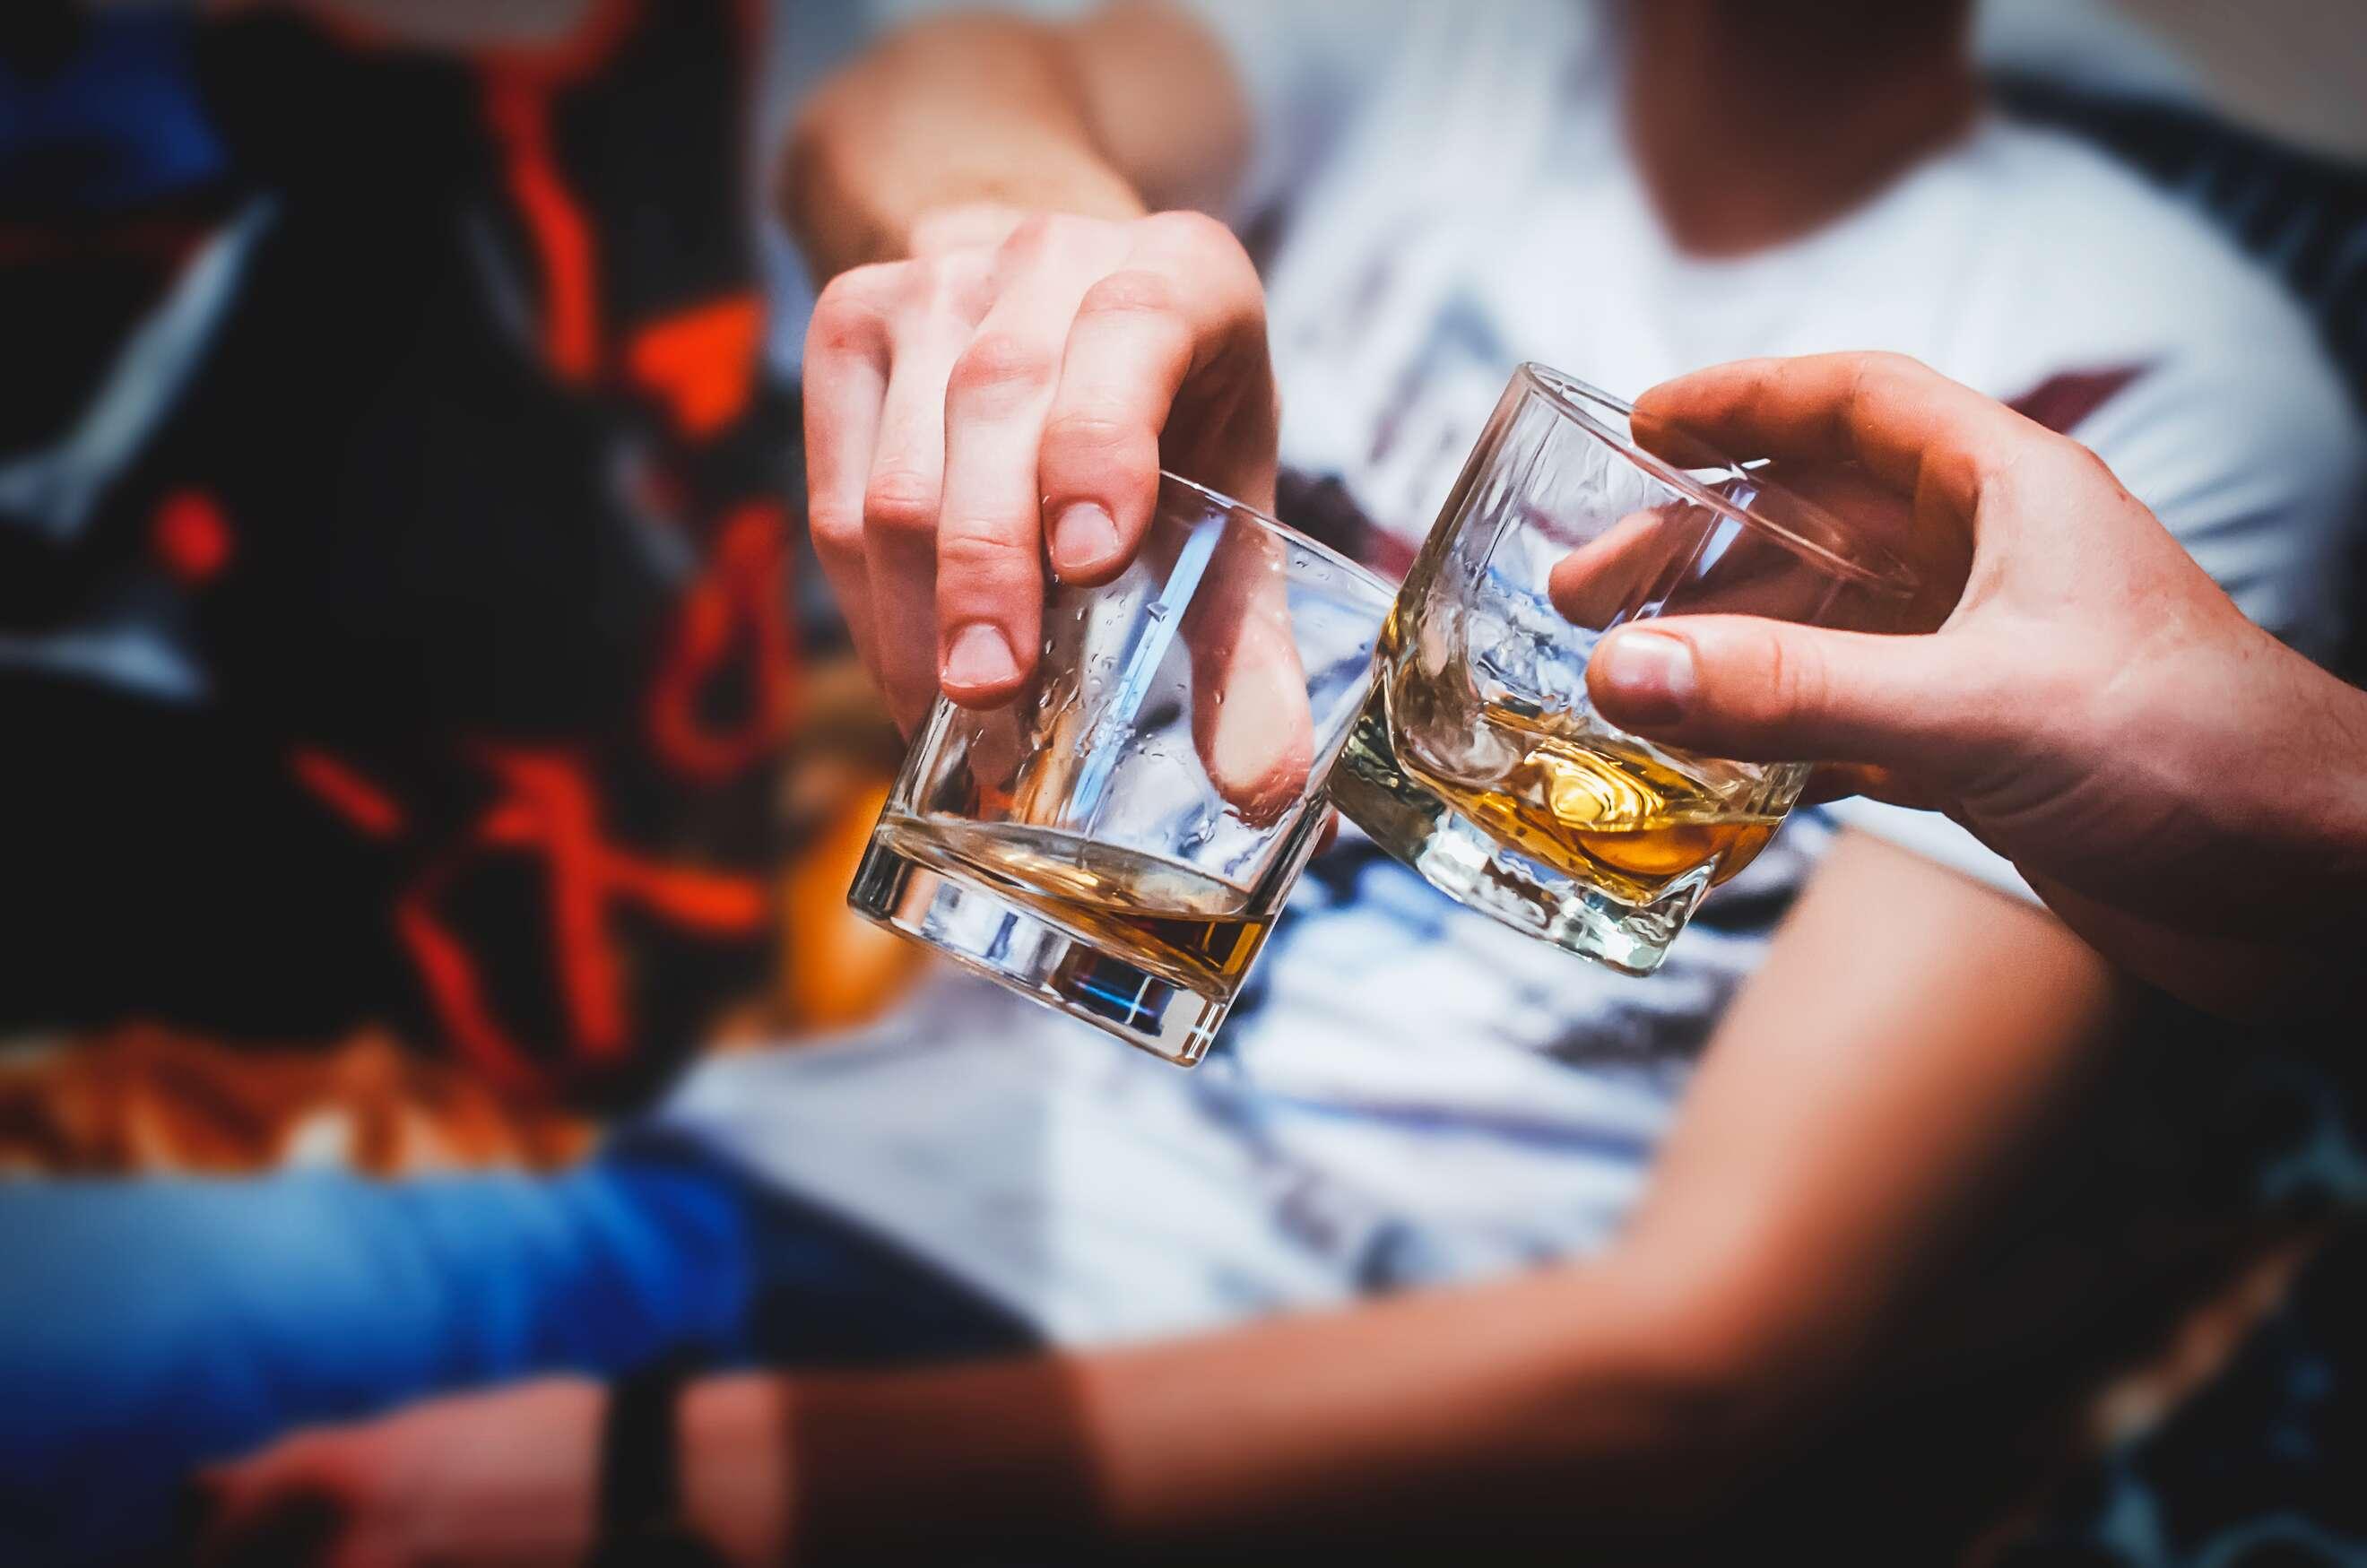 «и, выпивая чашку чая, я вдруг пьянею без вина…» как можно опьянеть без спиртного?